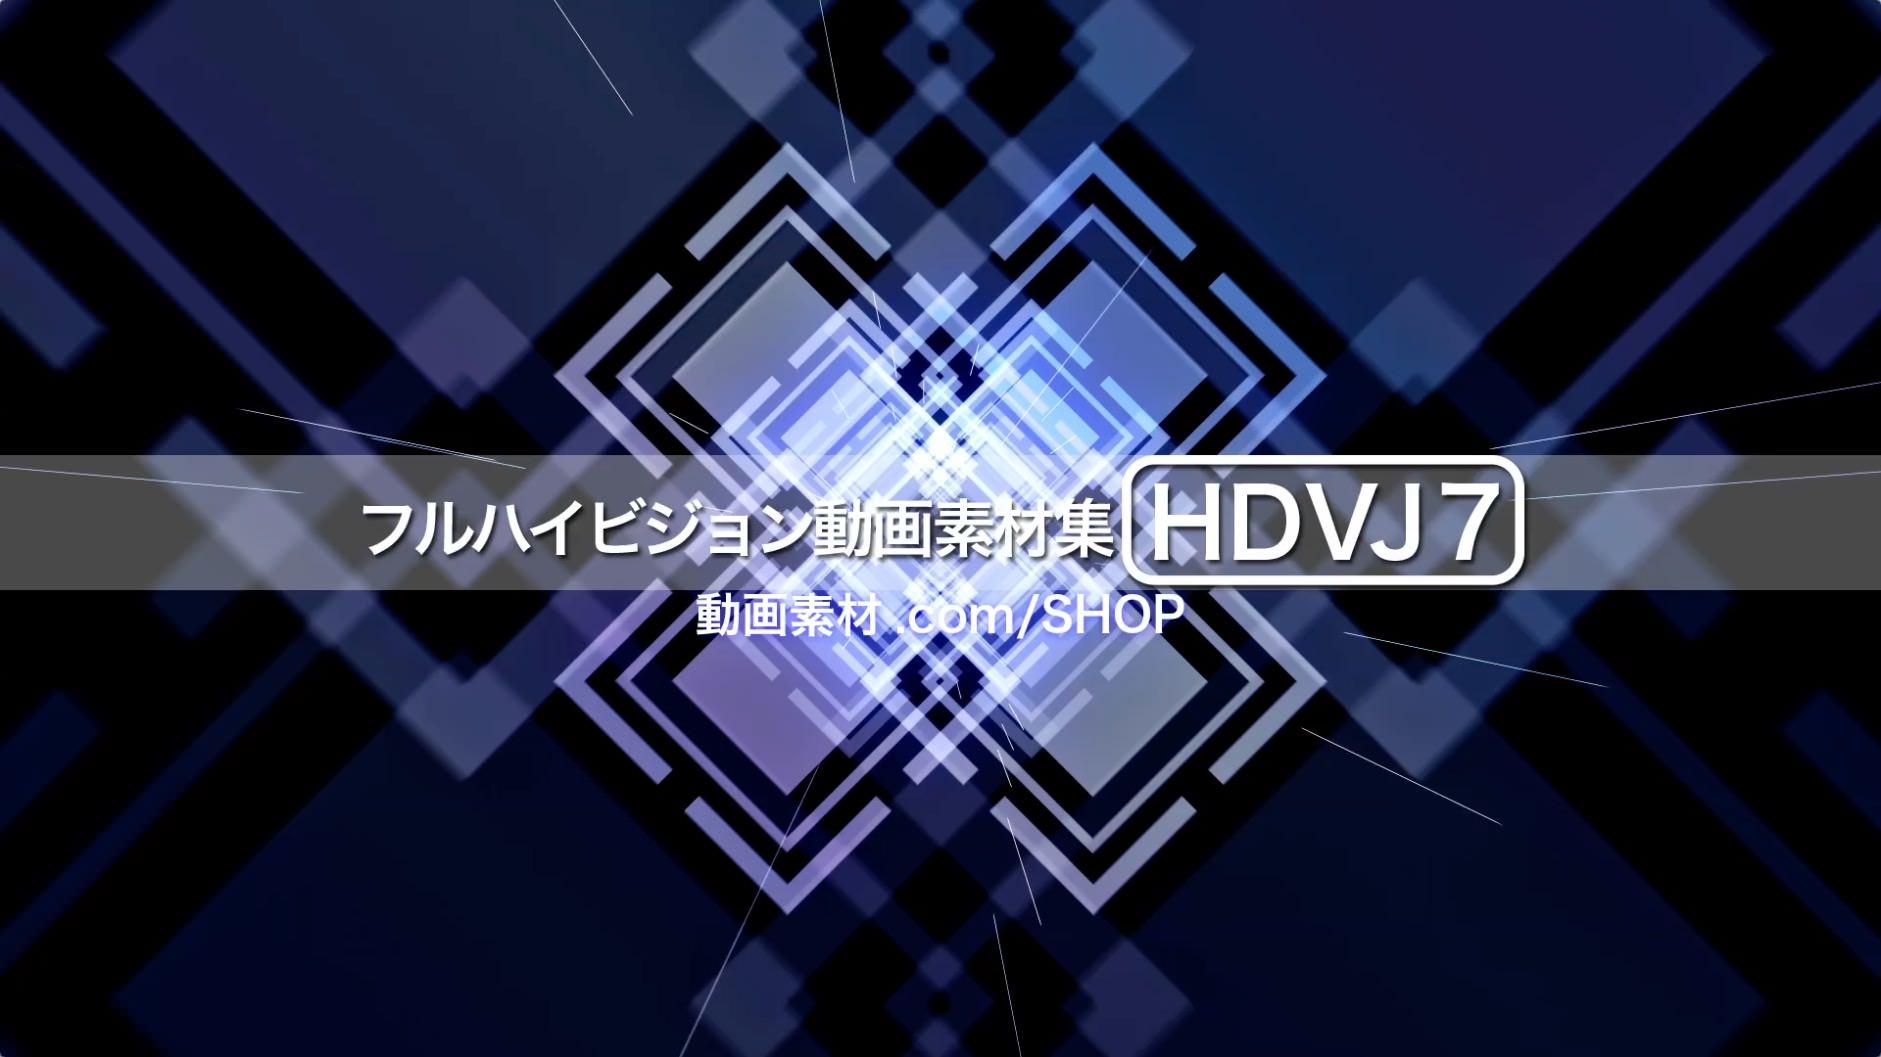 【HDVJ7】